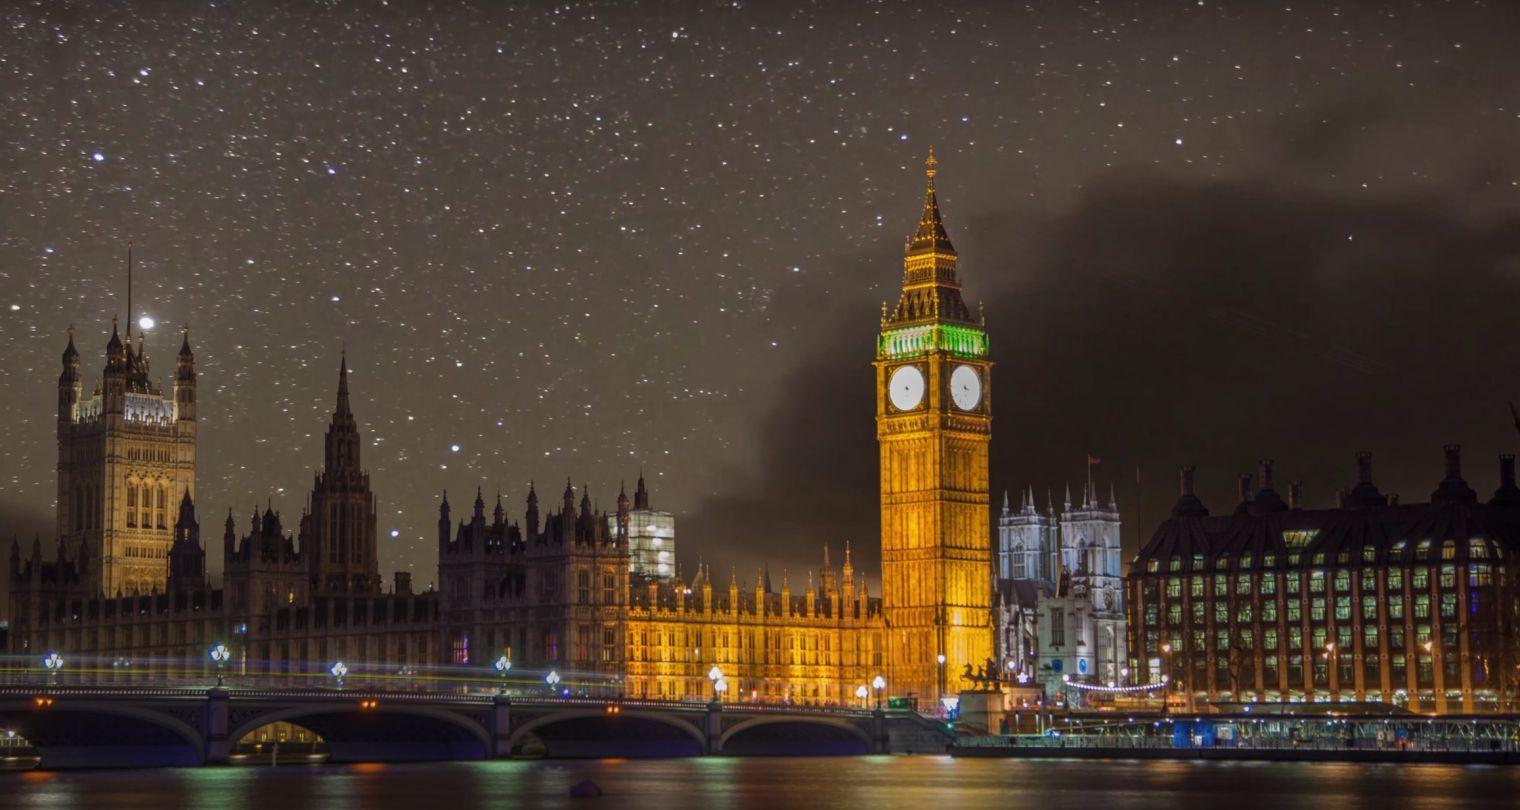 лондон двигающаяся картинка солнце, как другие